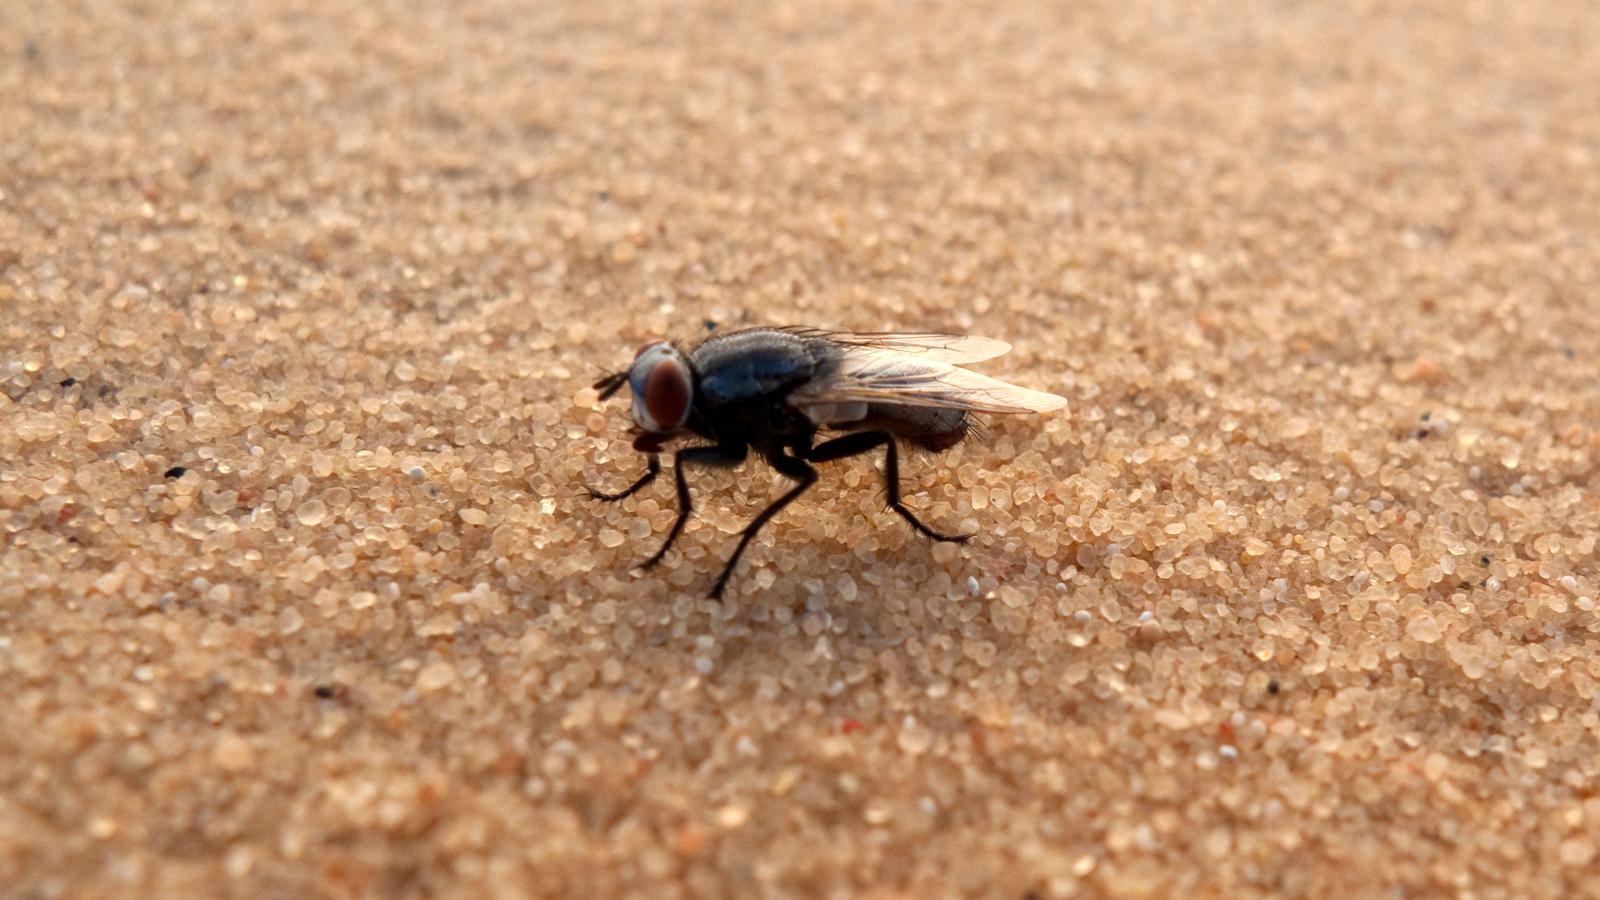 Sekä Egypti että hyönteiset saivat tutkimuksessa moitteita. Kuva: Flickr/Jesper Särnesjö.